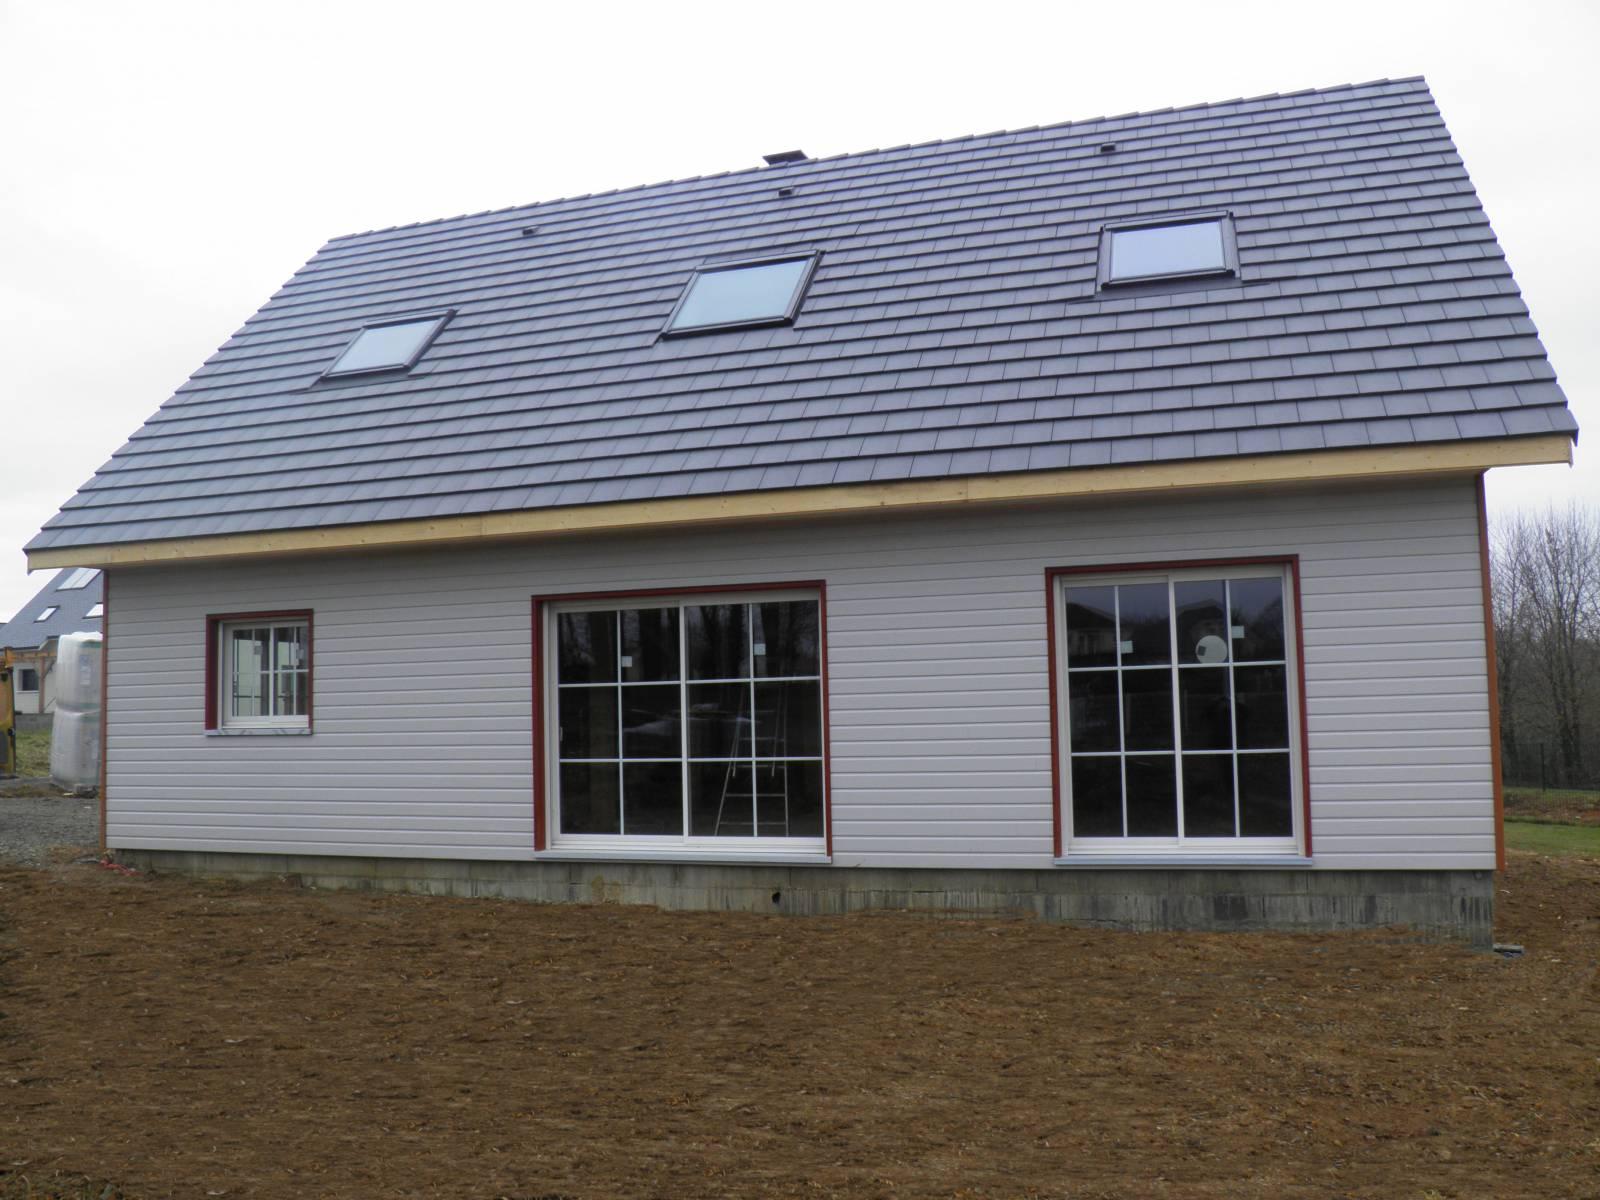 Maison auto construction réf 25  près de Pau dans les Pyrénées Atlantiques (